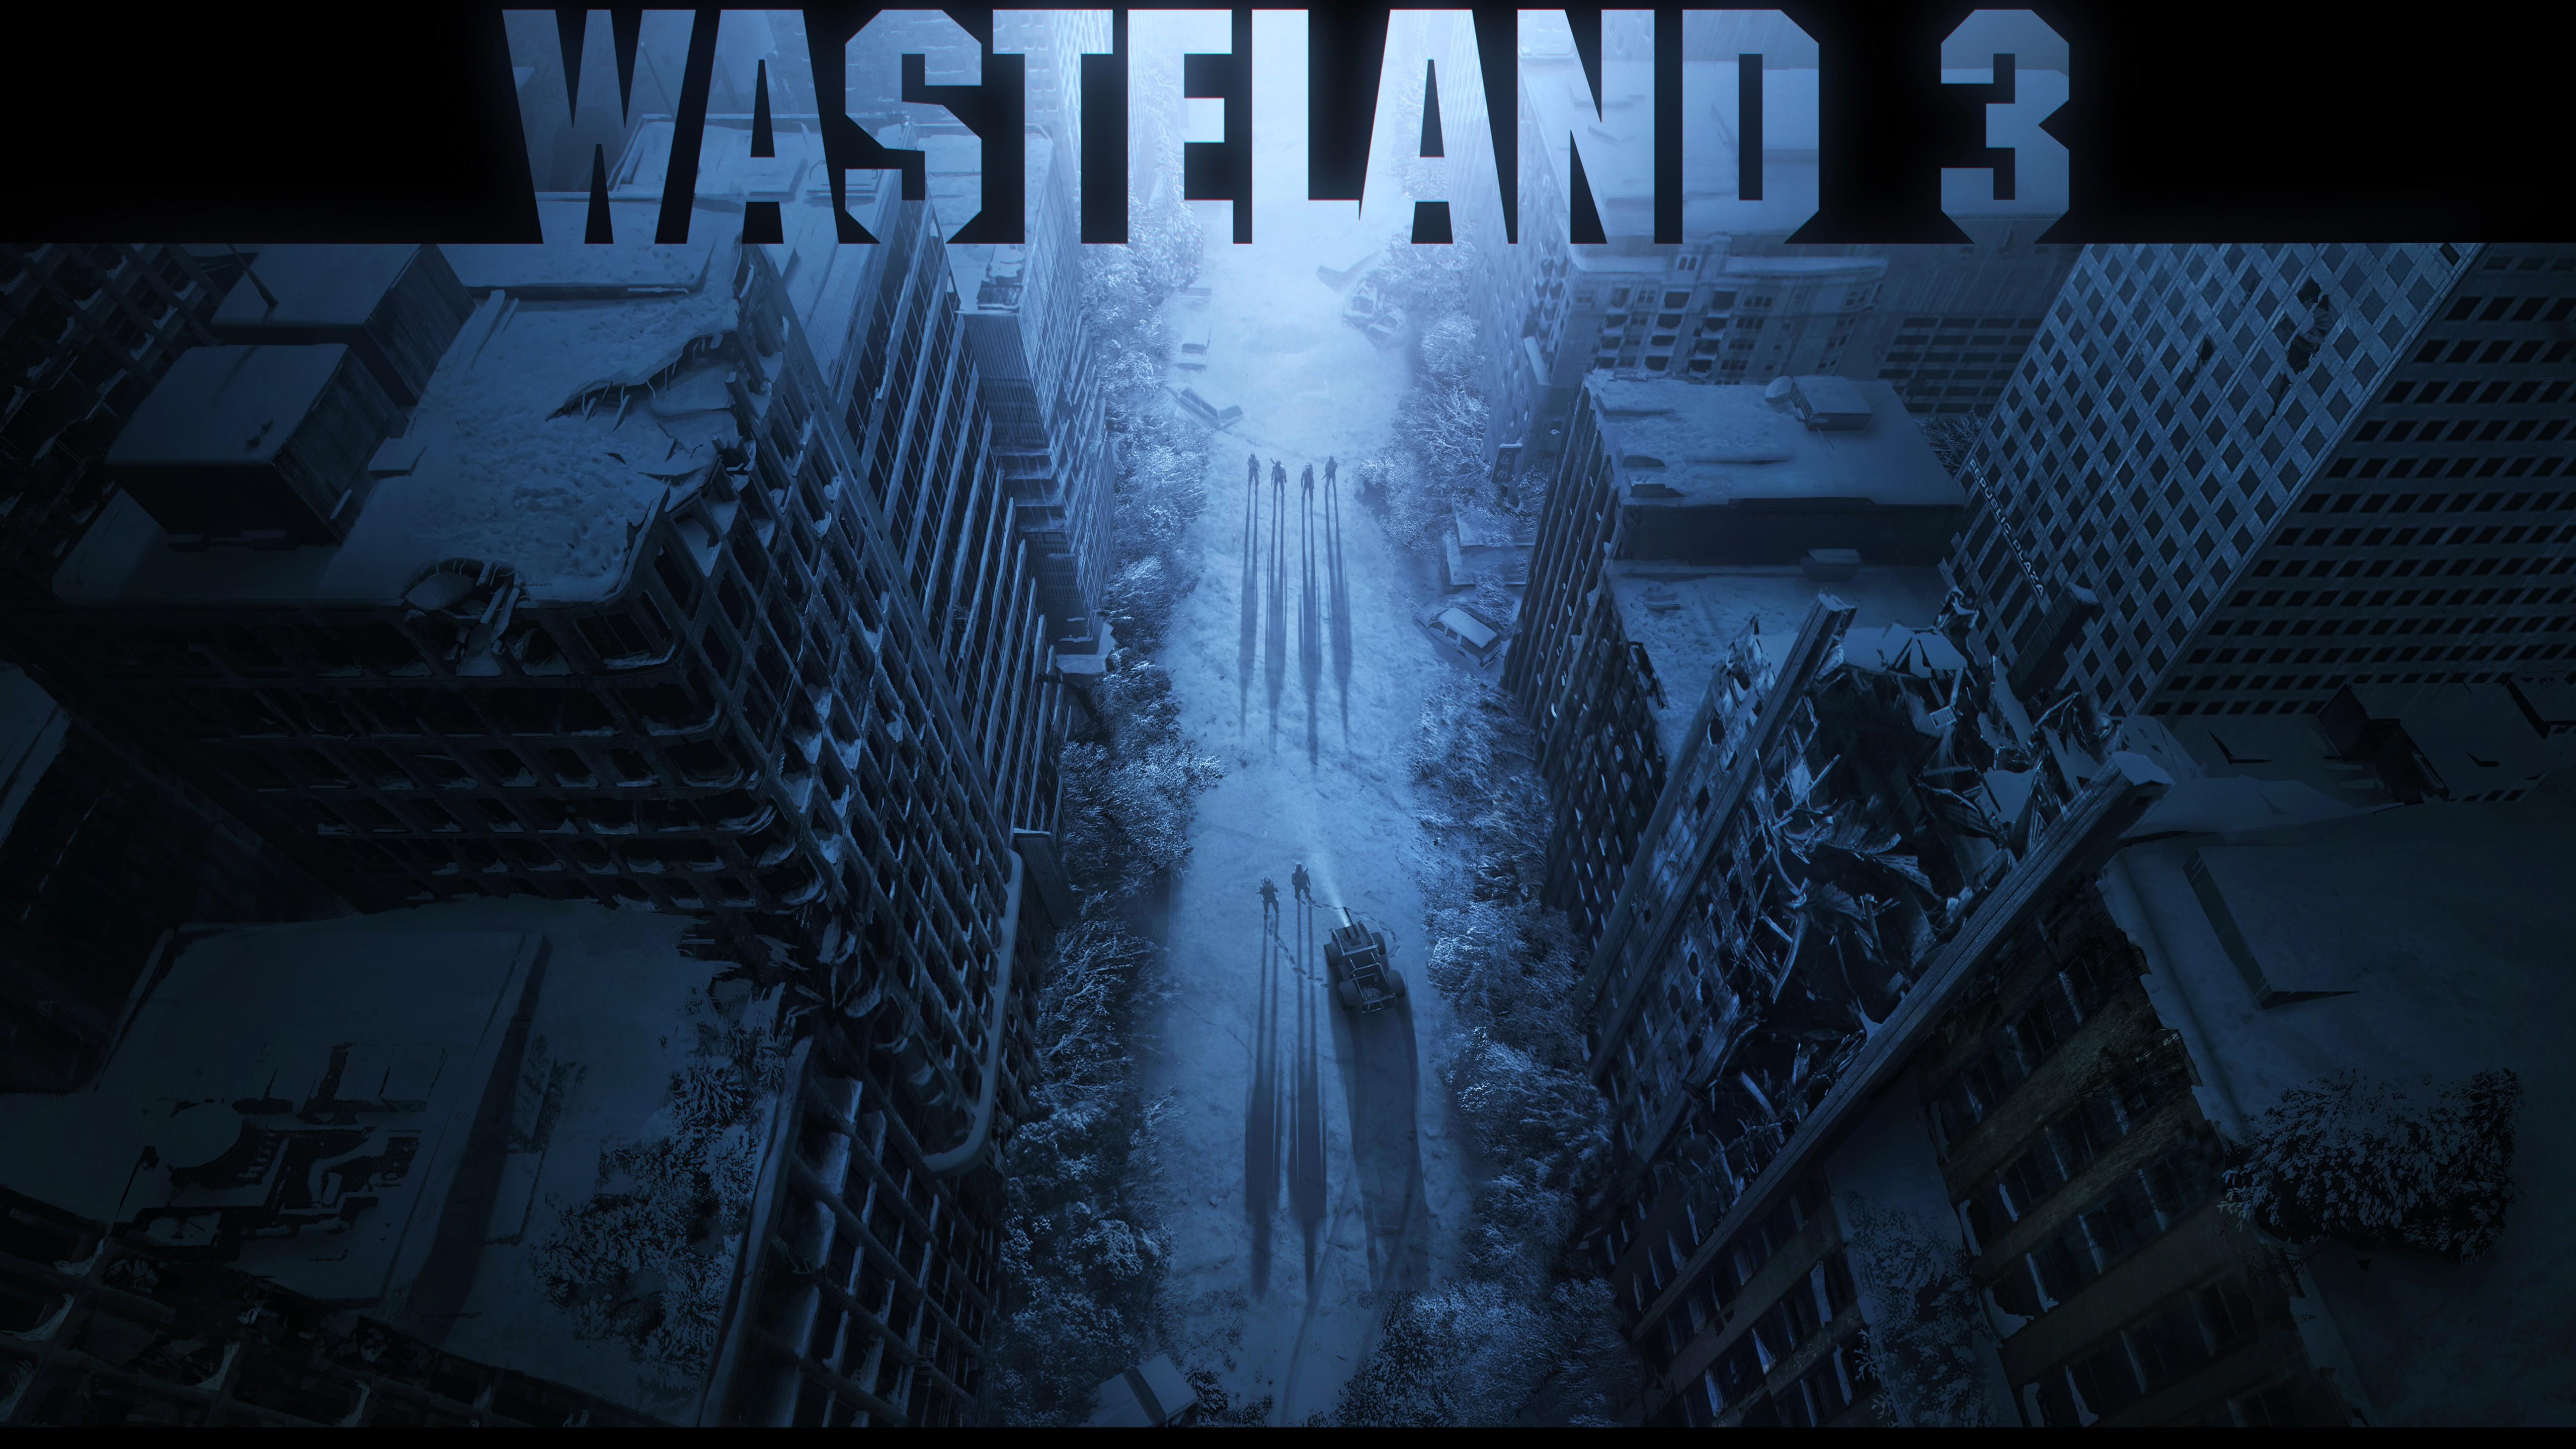 wasteland 3 wallpaper 4k background